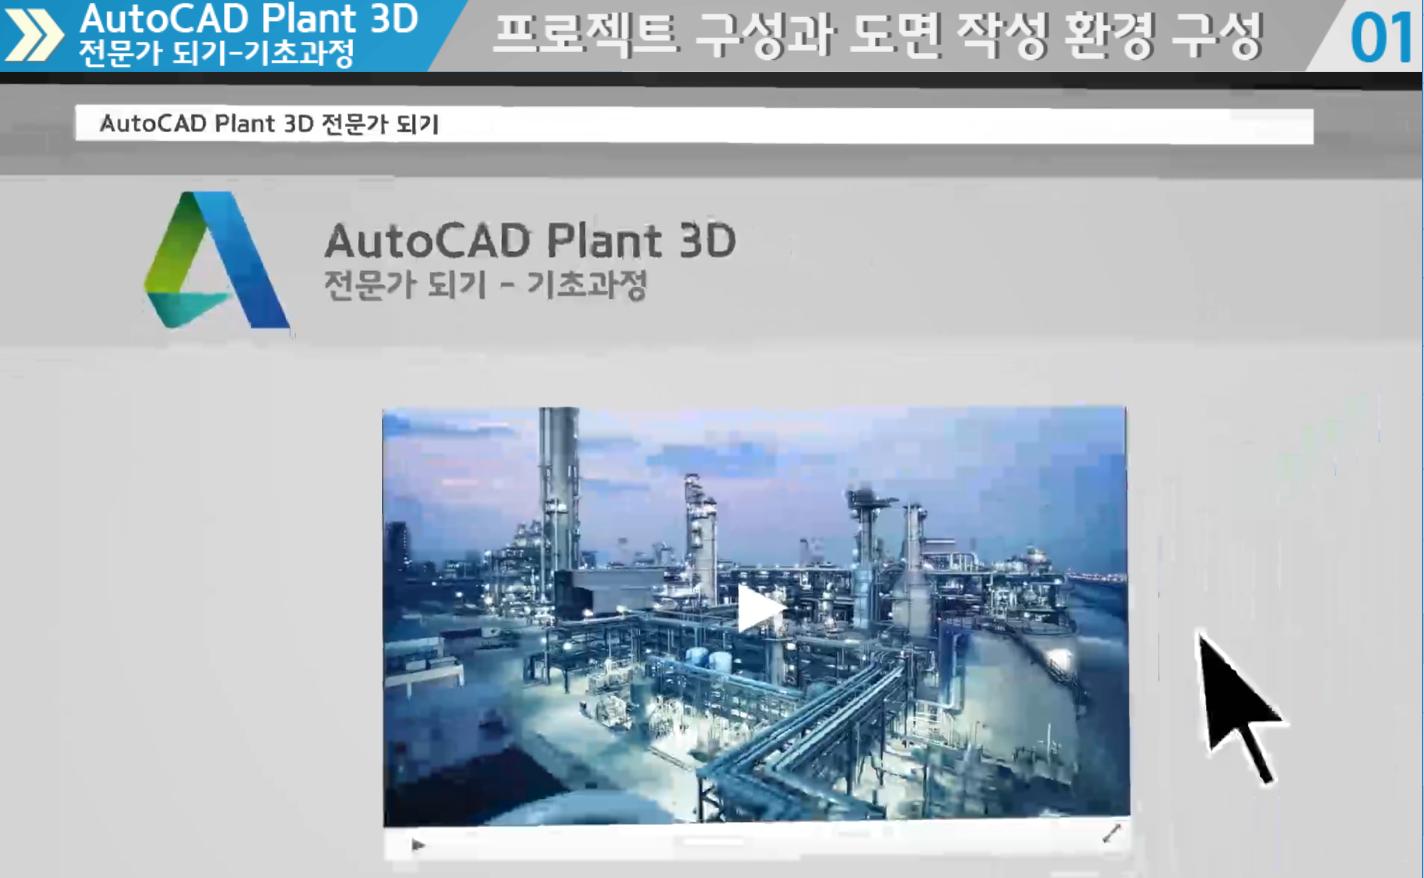 오토캐드 플랜트 3D 전문가되기 기초과정